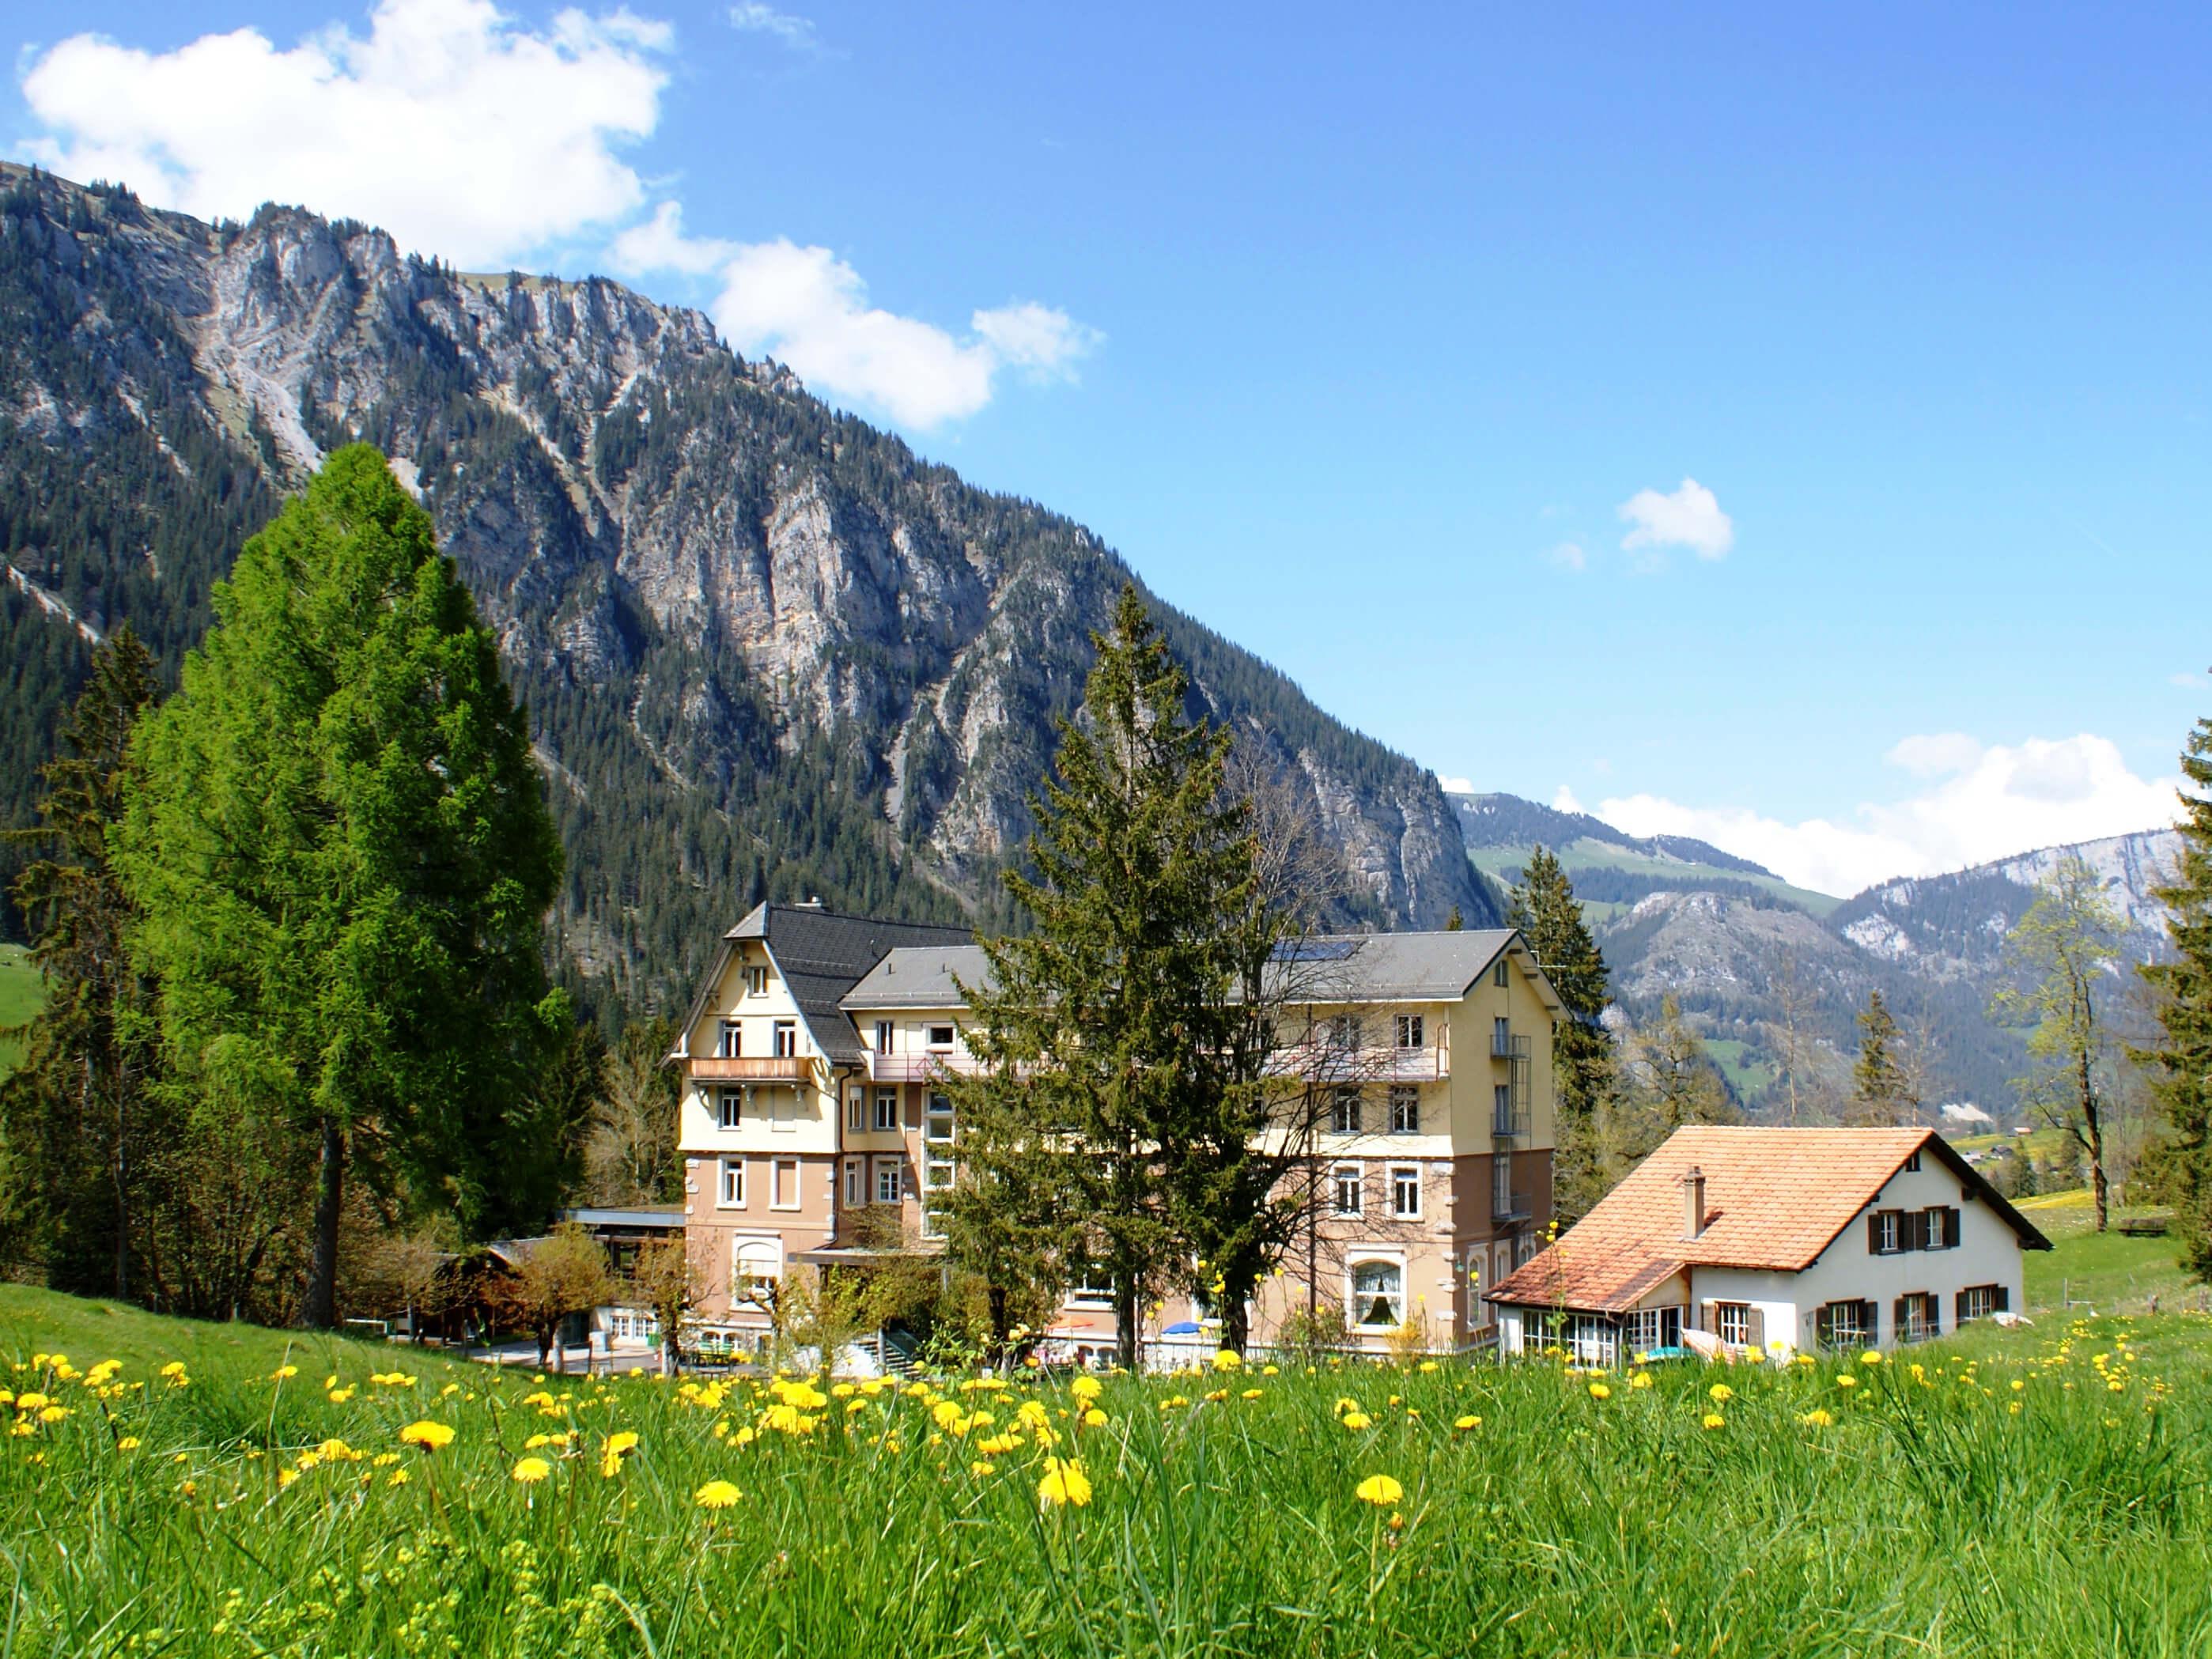 Das heutige Kurhaus Grimmialp